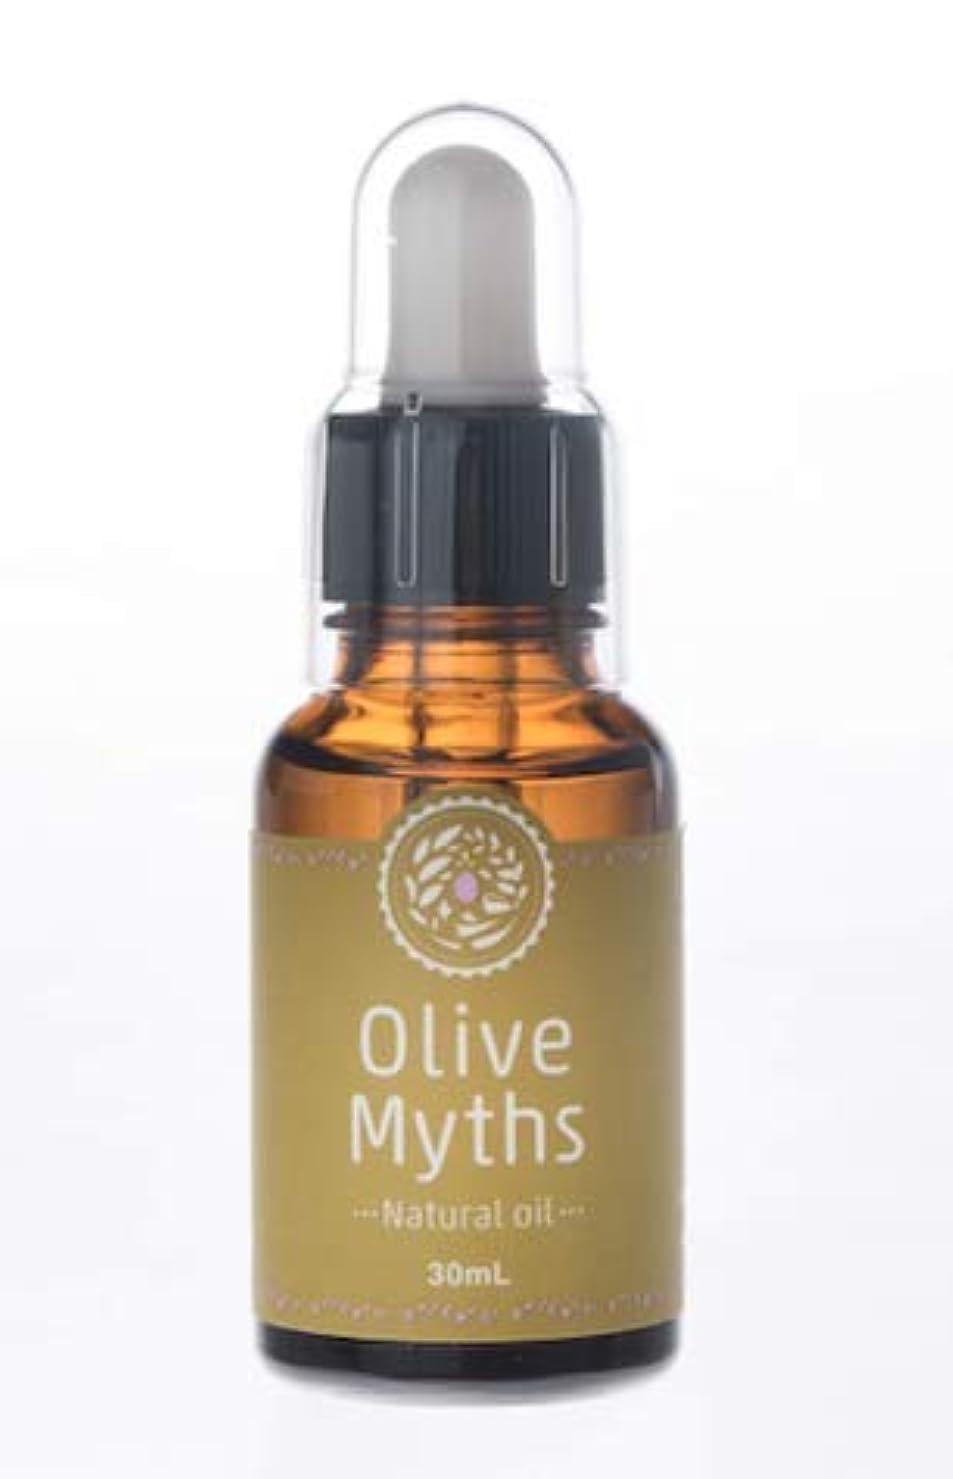 遊具治世勇敢なmaestria. Olive Myths『Mythsナチュラルオイル』 オリーブオイルの天然成分がそのまま息づいた究極の美容オイル 30ml OM-001